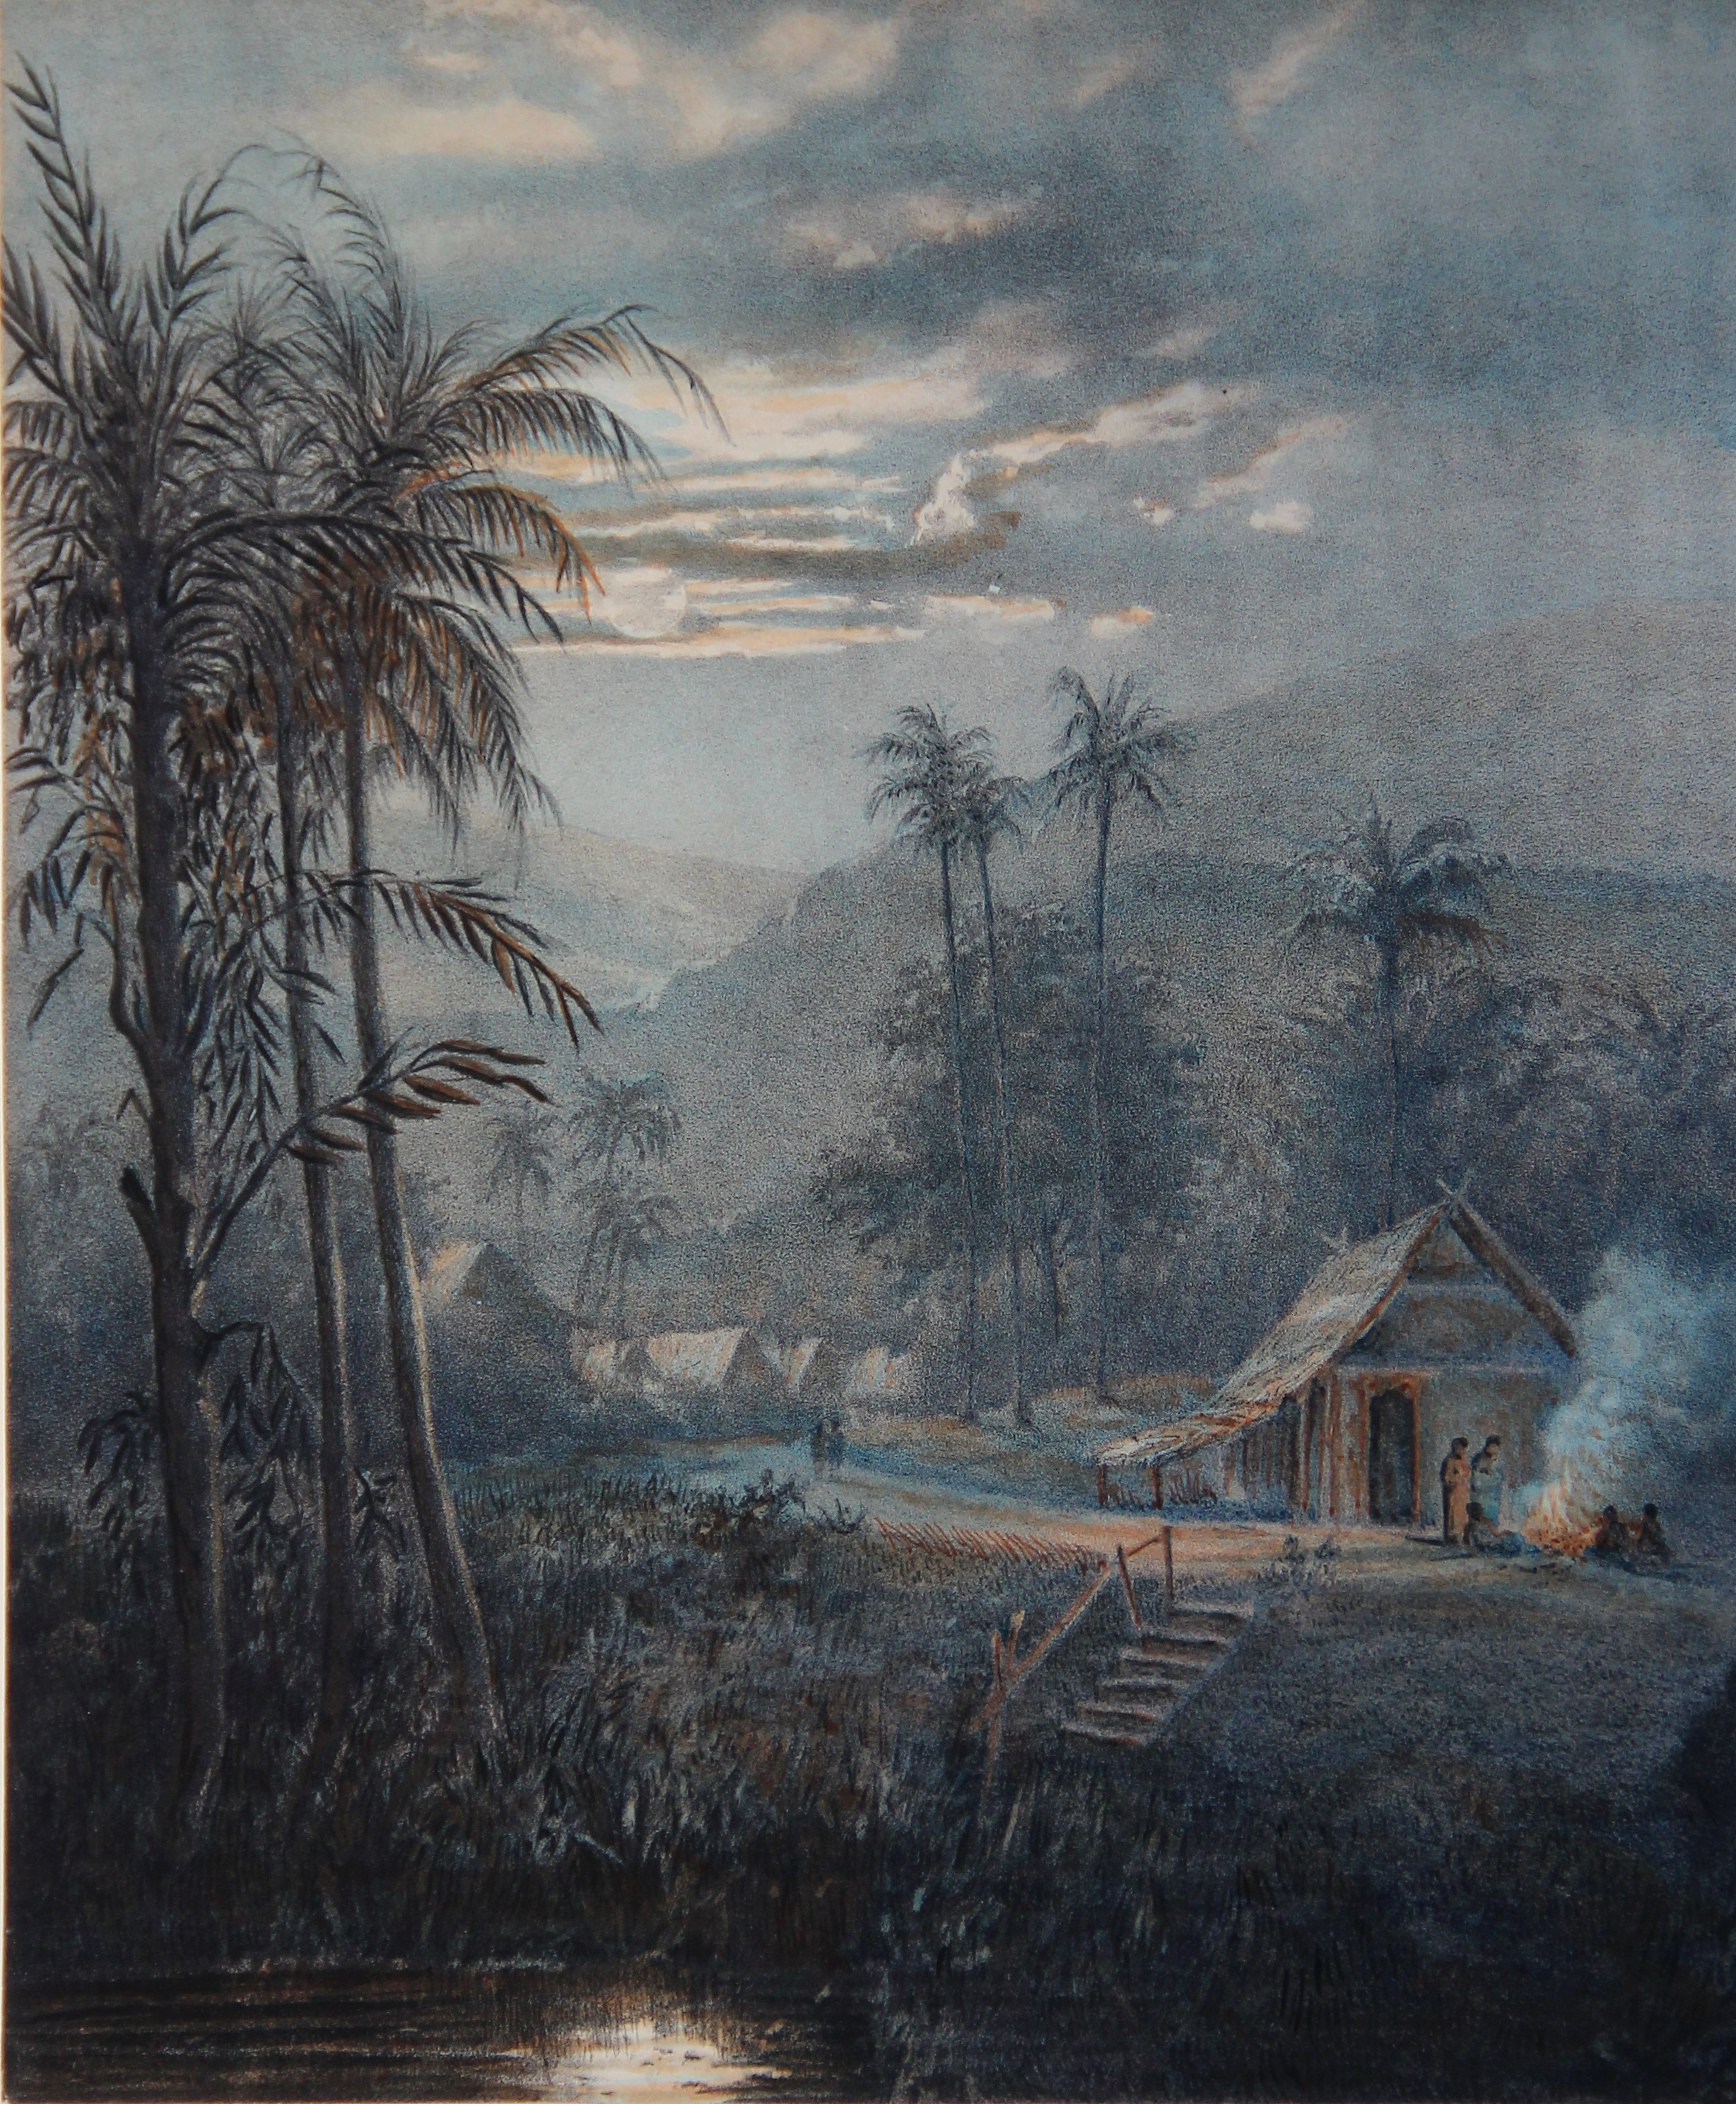 Java, landschap bij manenschein in de omstreken van Sumedangs: Preanger landschappen- Abraham (Ab) Salm